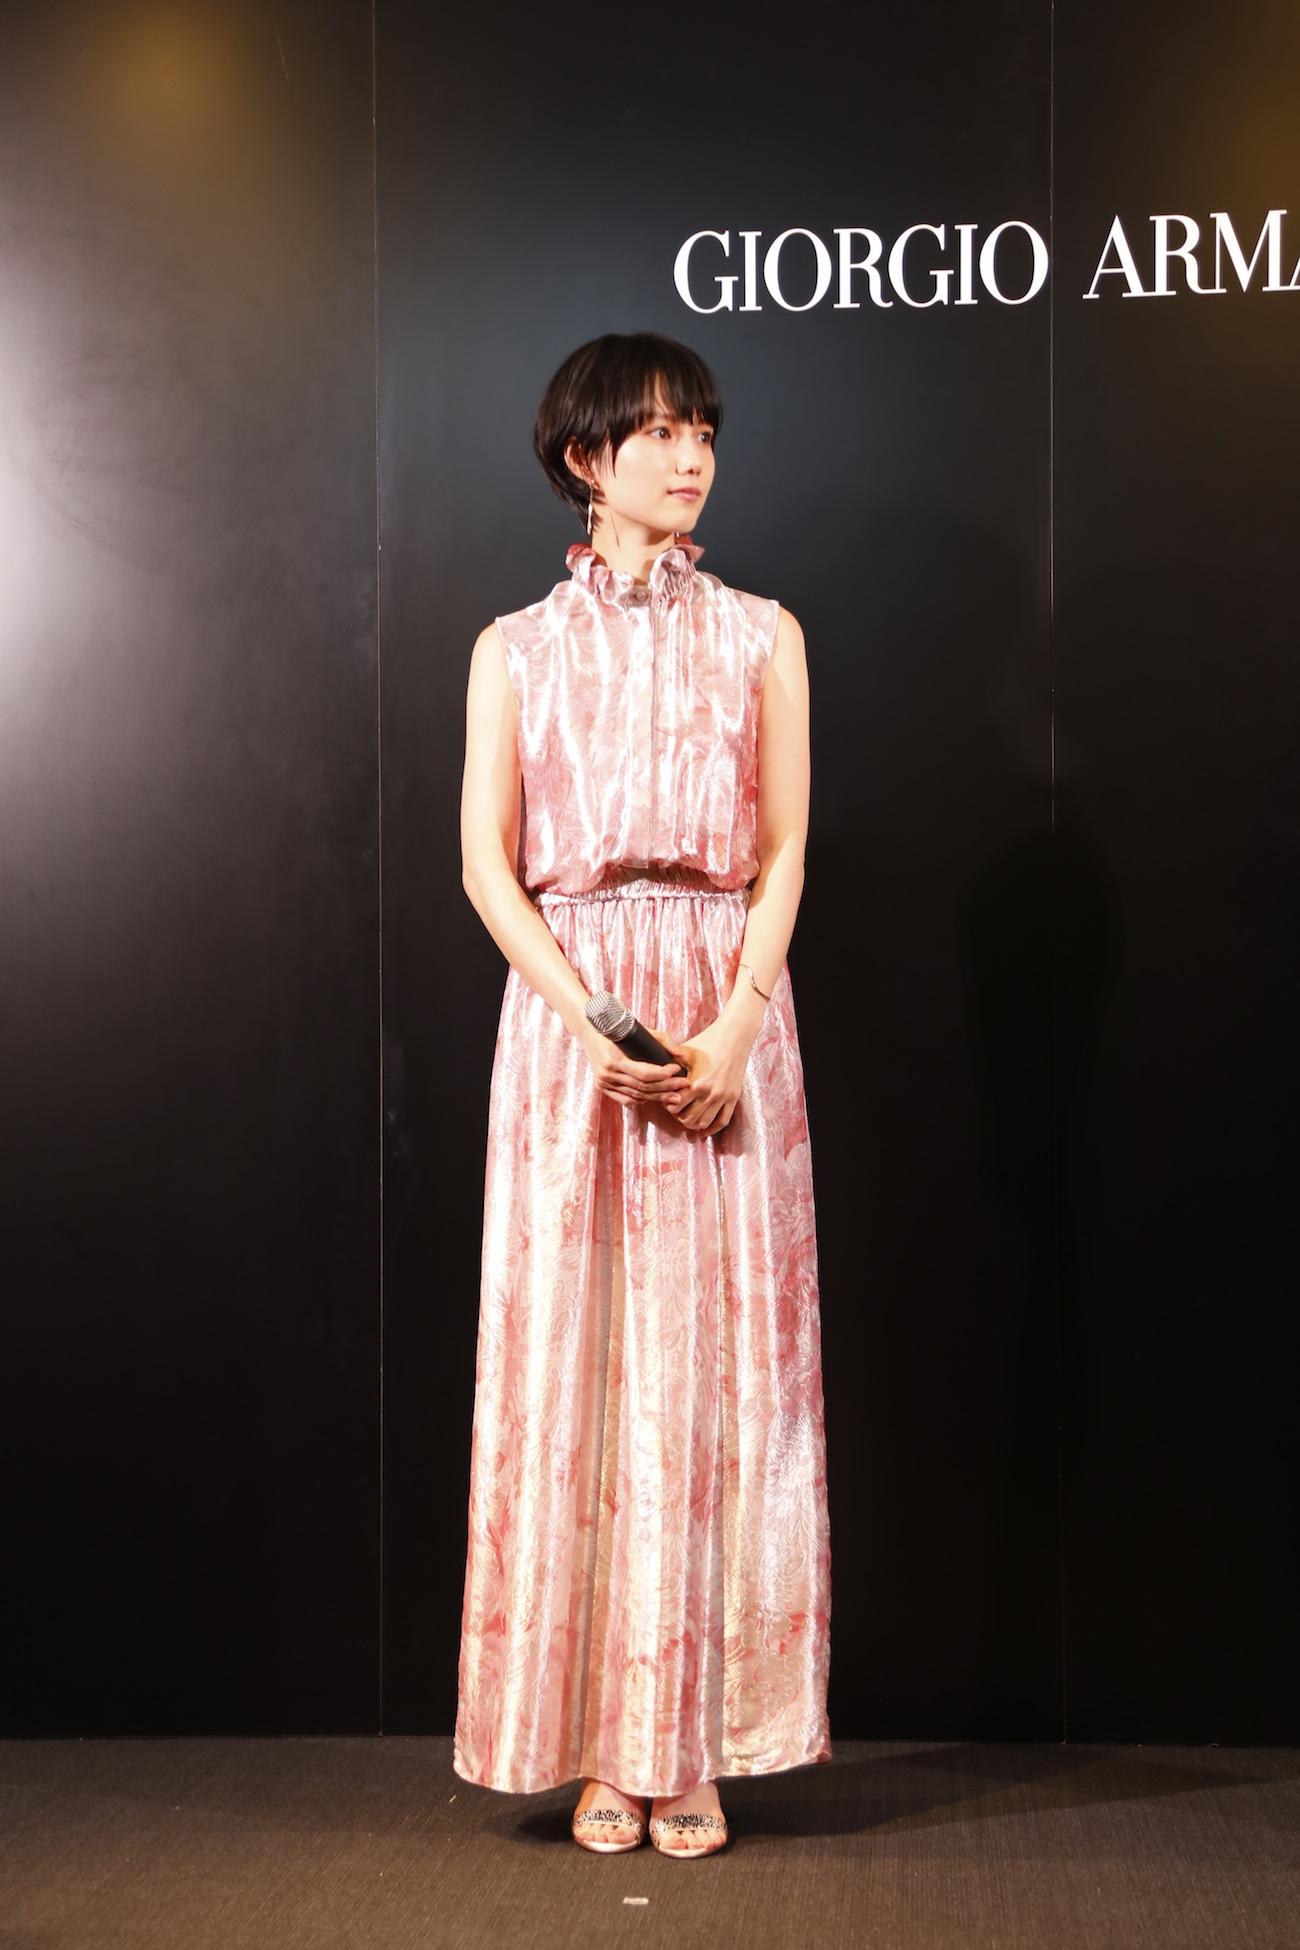 宮﨑あおい/アルマーニ / 銀座タワー リニューアルオープニングイベント(2019年3月20日 (水)